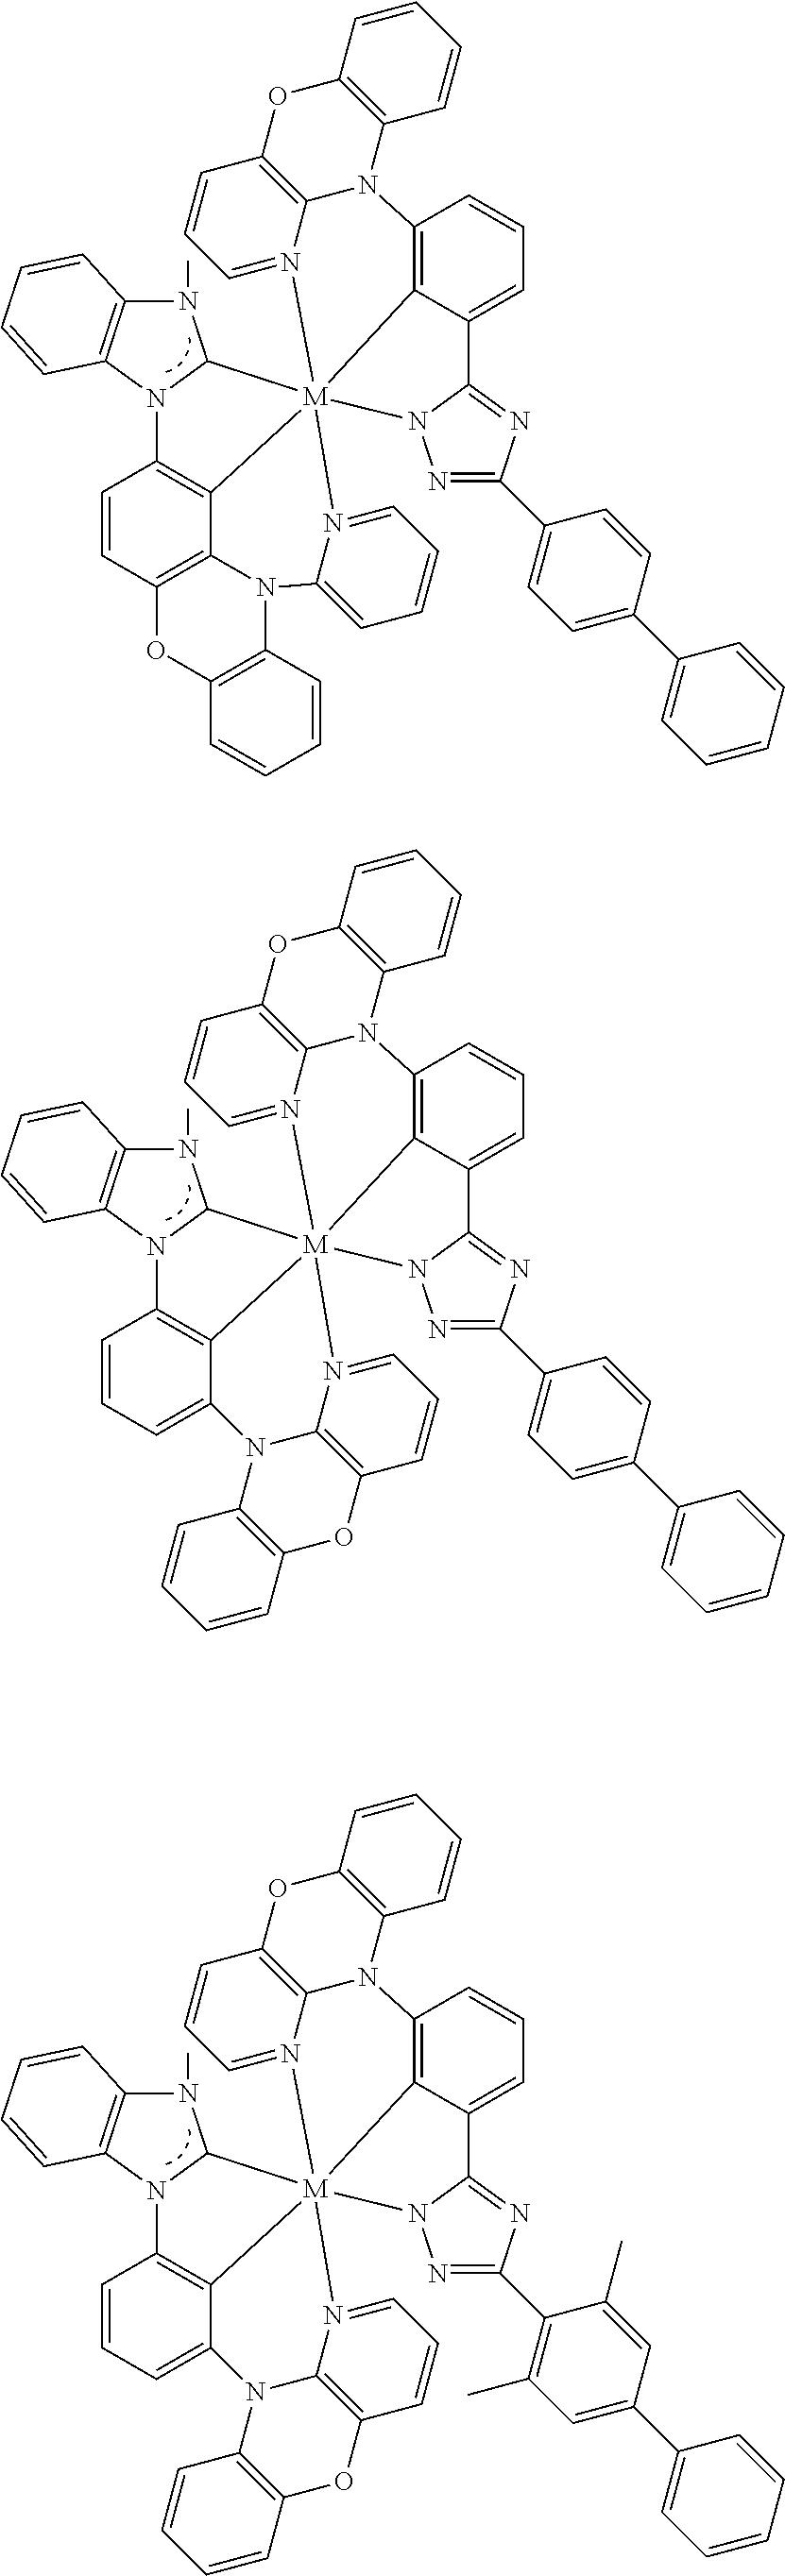 Figure US09818959-20171114-C00409